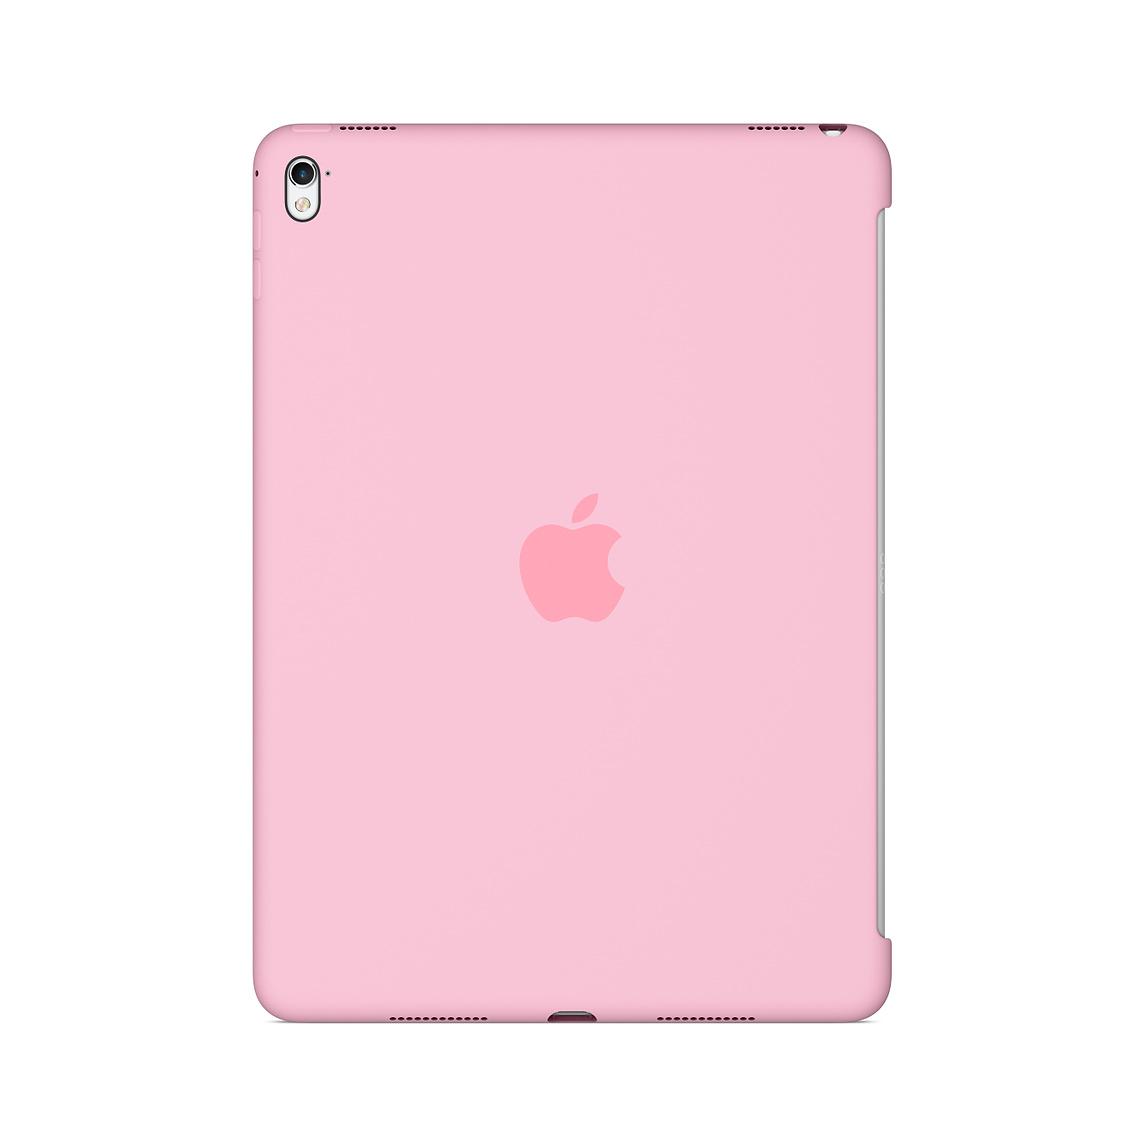 Apple(アップル)純正 iPad Pro 9.7インチ シリコーンケース ライトピンク MM242FE/A MM242FEA